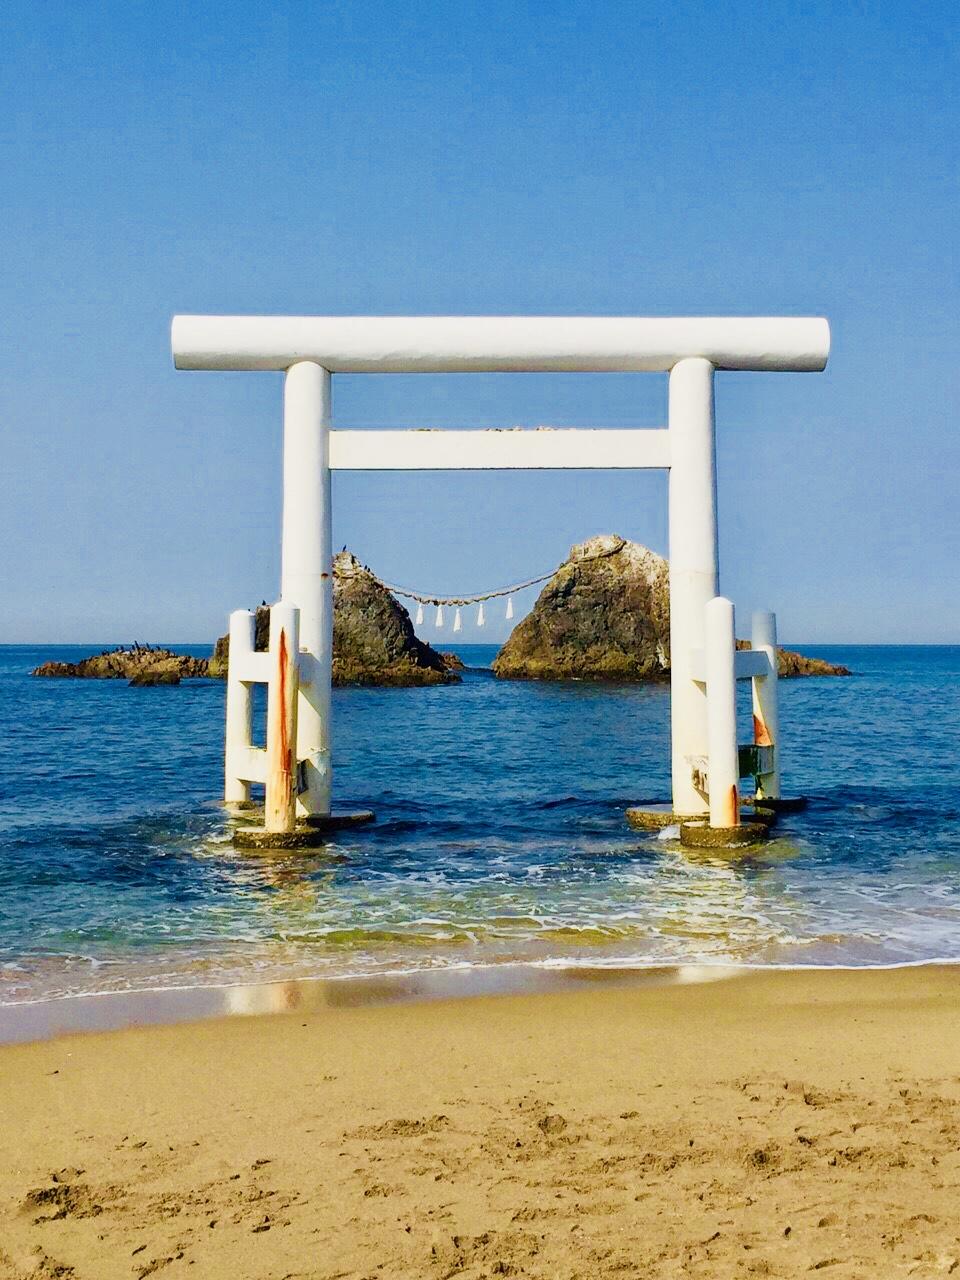 糸島(福岡県糸島市/糸島船越漁港の牡蠣小屋)